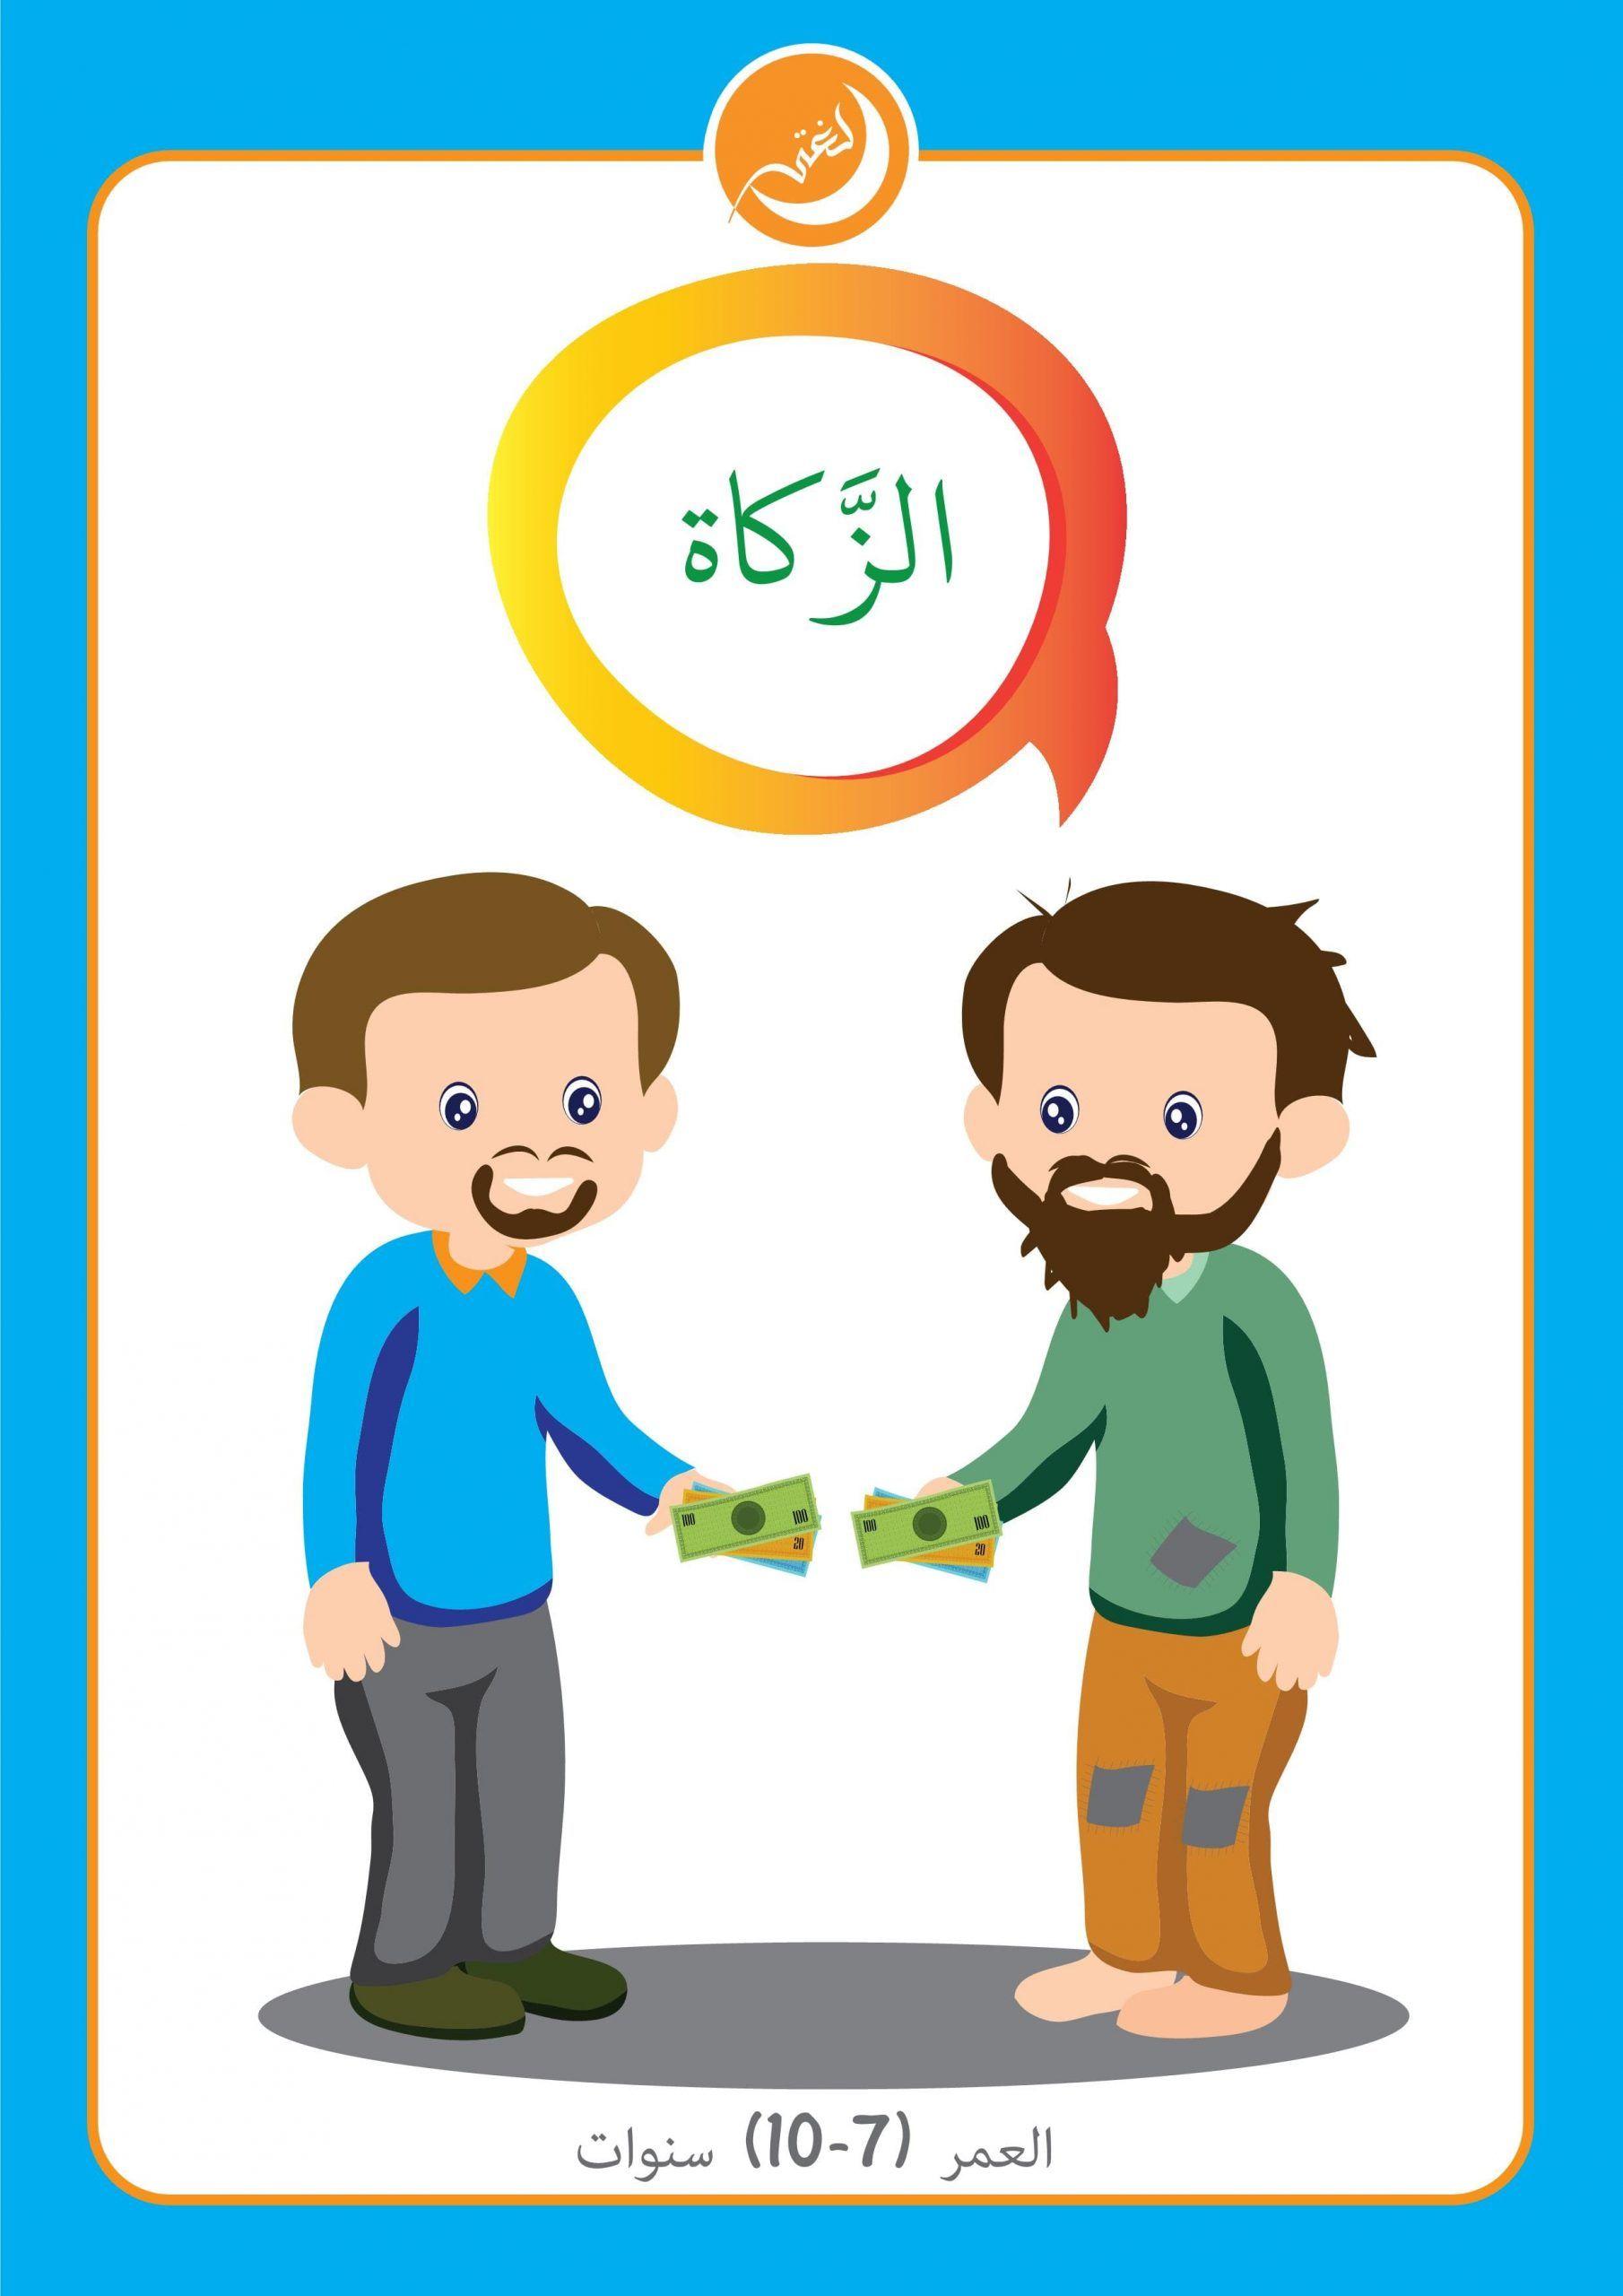 ملزمة الزكاة لتعليم الاطفال اهمية وشروط وفوائد الزكاة Islamic Books For Kids Islamic Kids Activities Islam For Kids